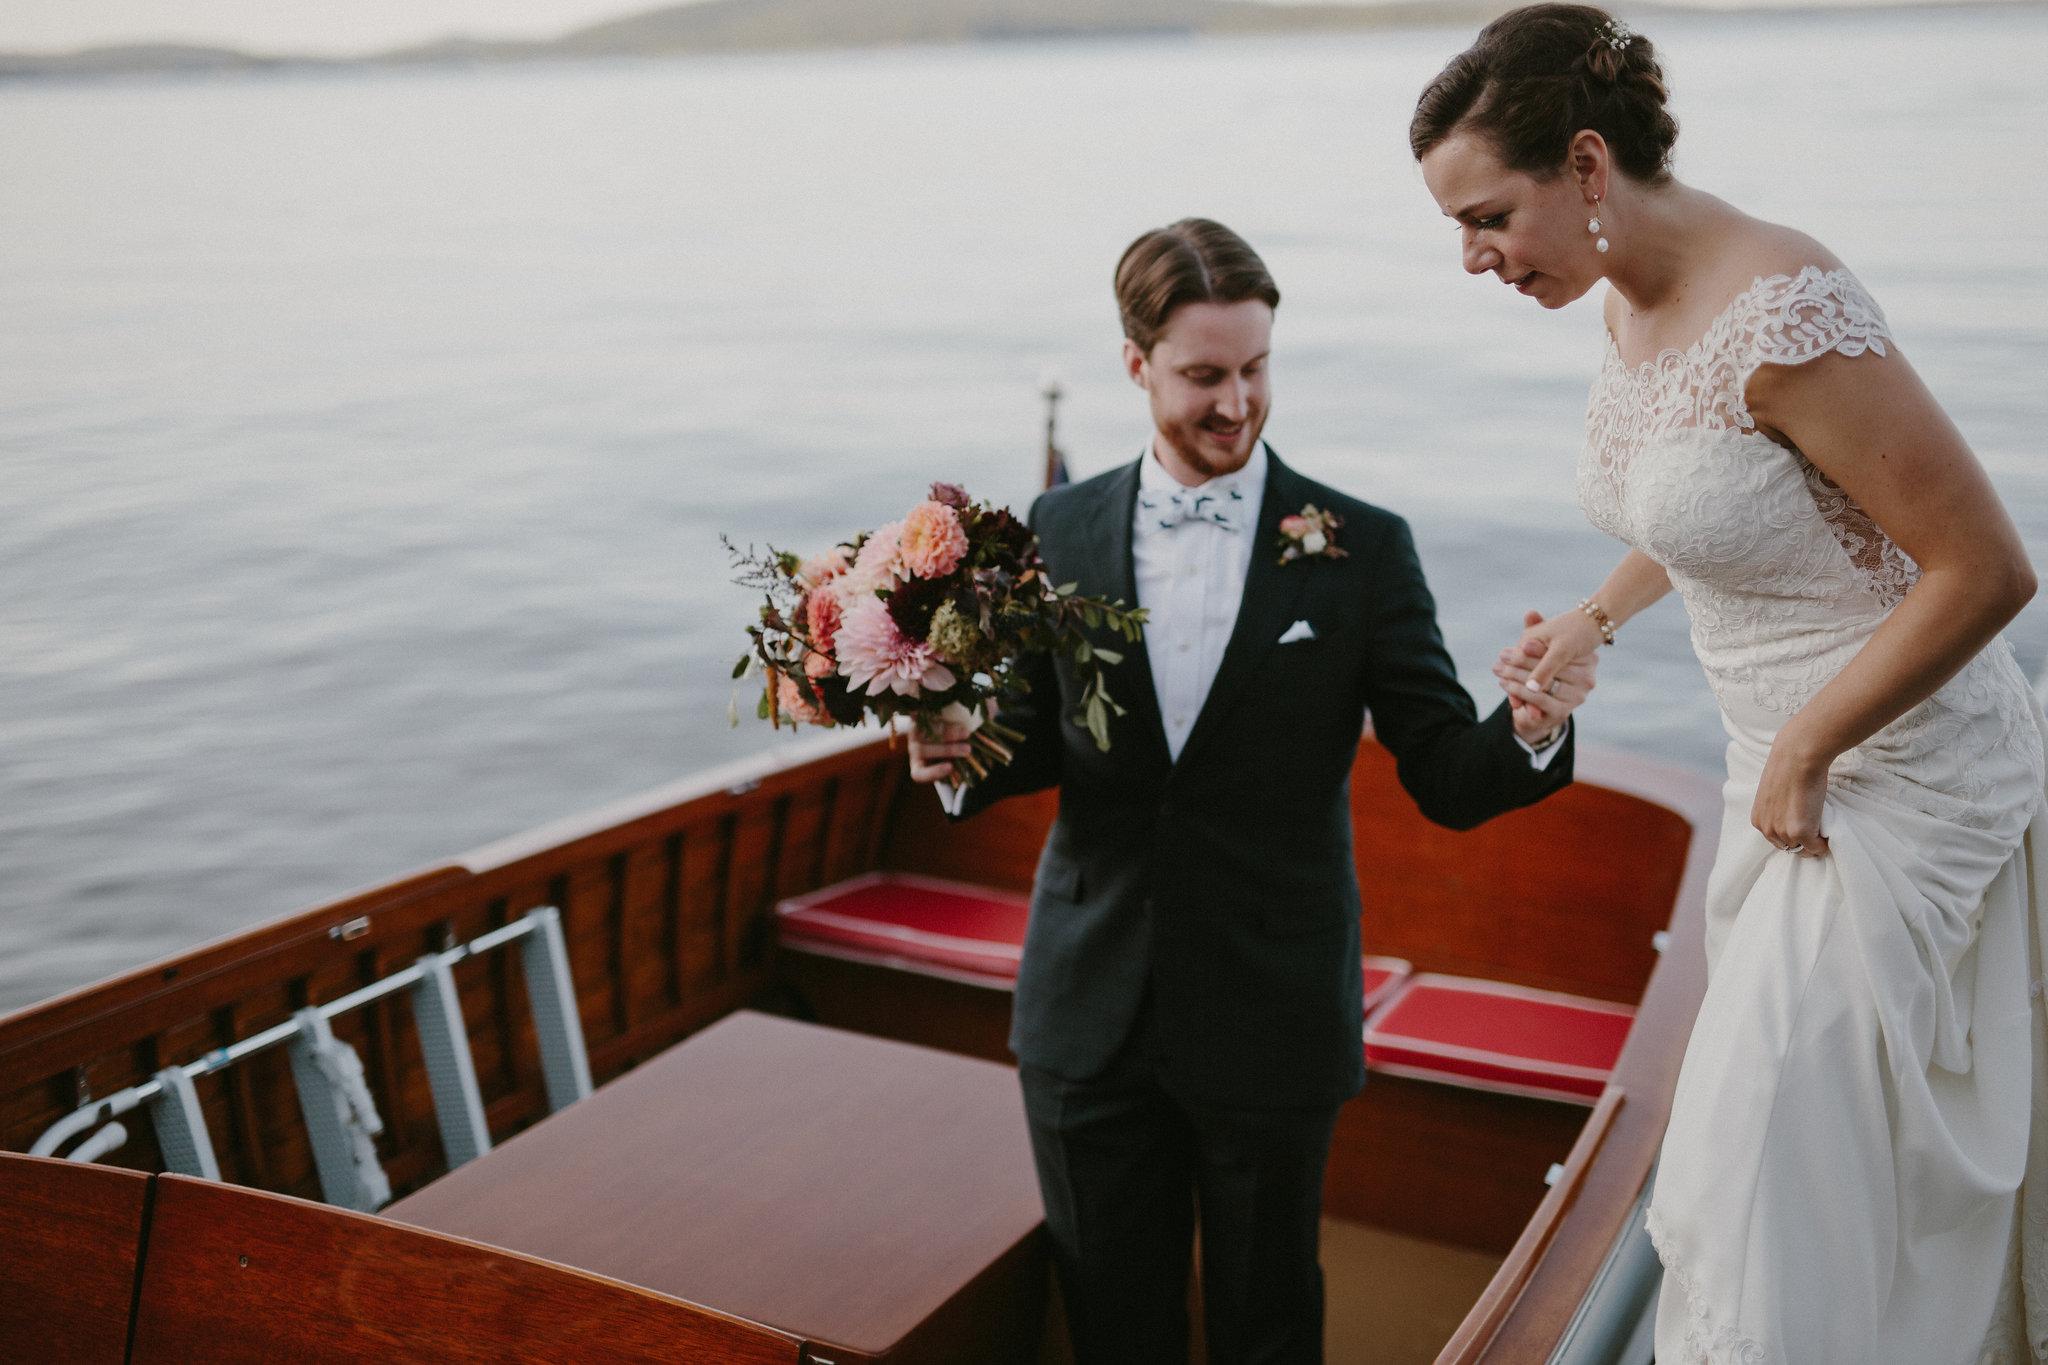 gaddes-jablonowski-wedding-892.jpg